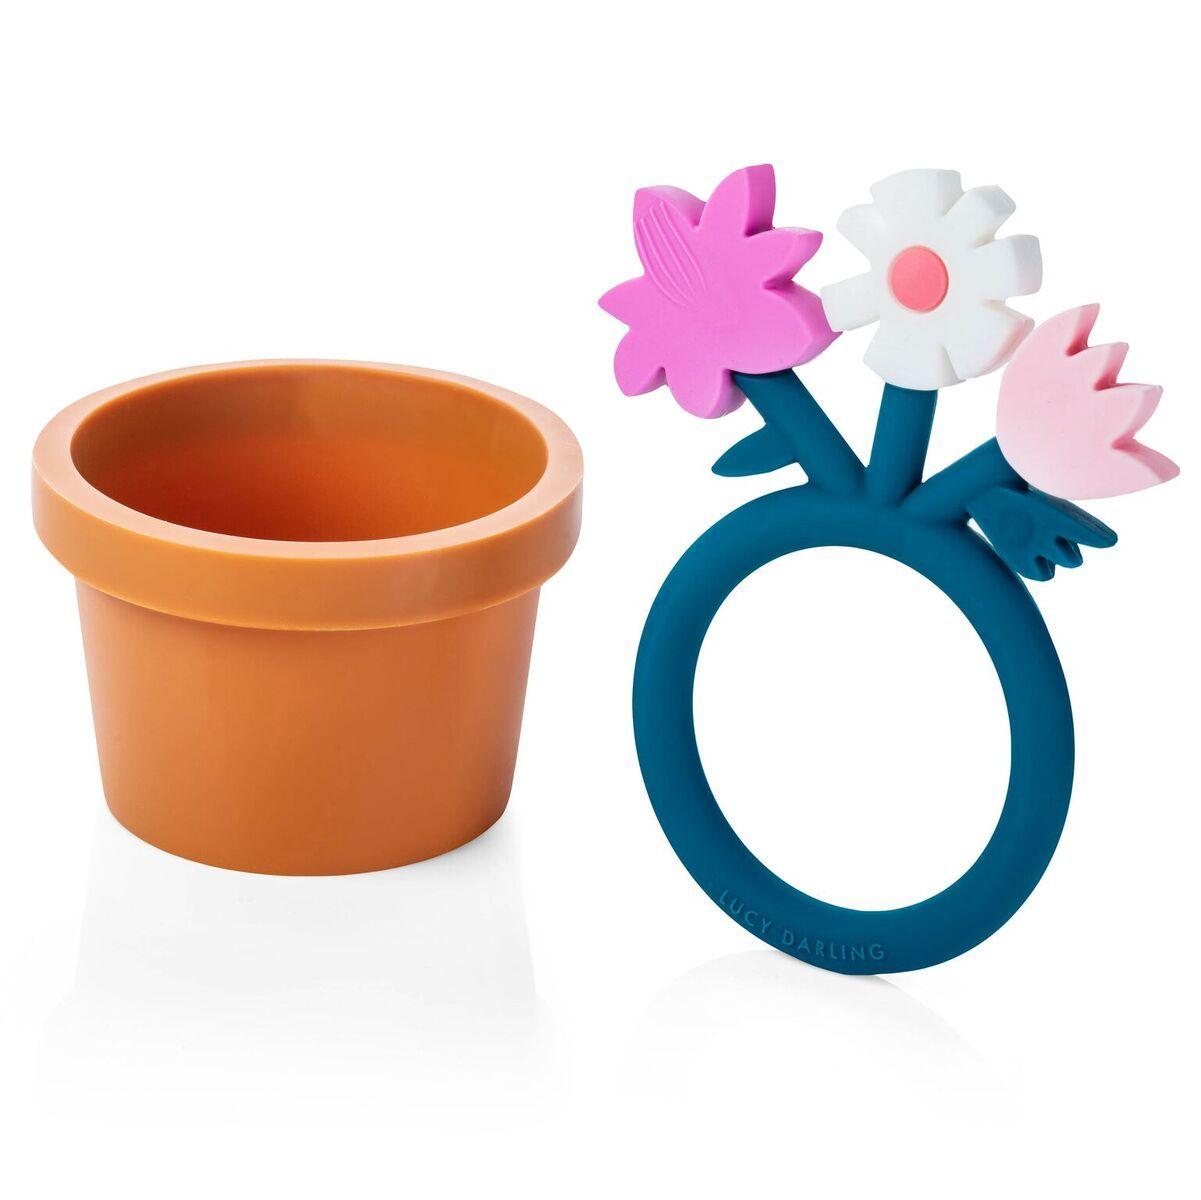 Flower Pot Teether